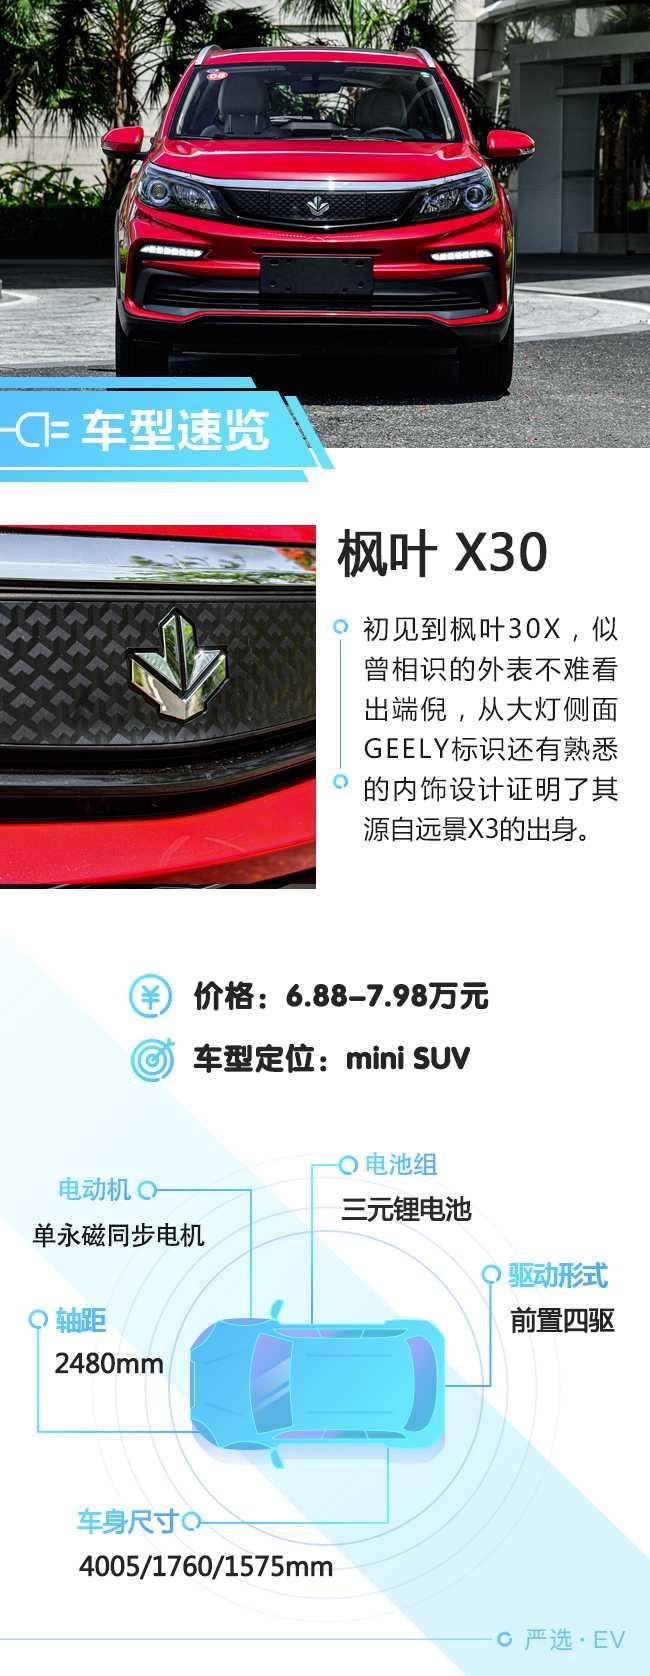 7万元买着玩 EV新秀枫叶30X如何做到小而全?(20日可发)